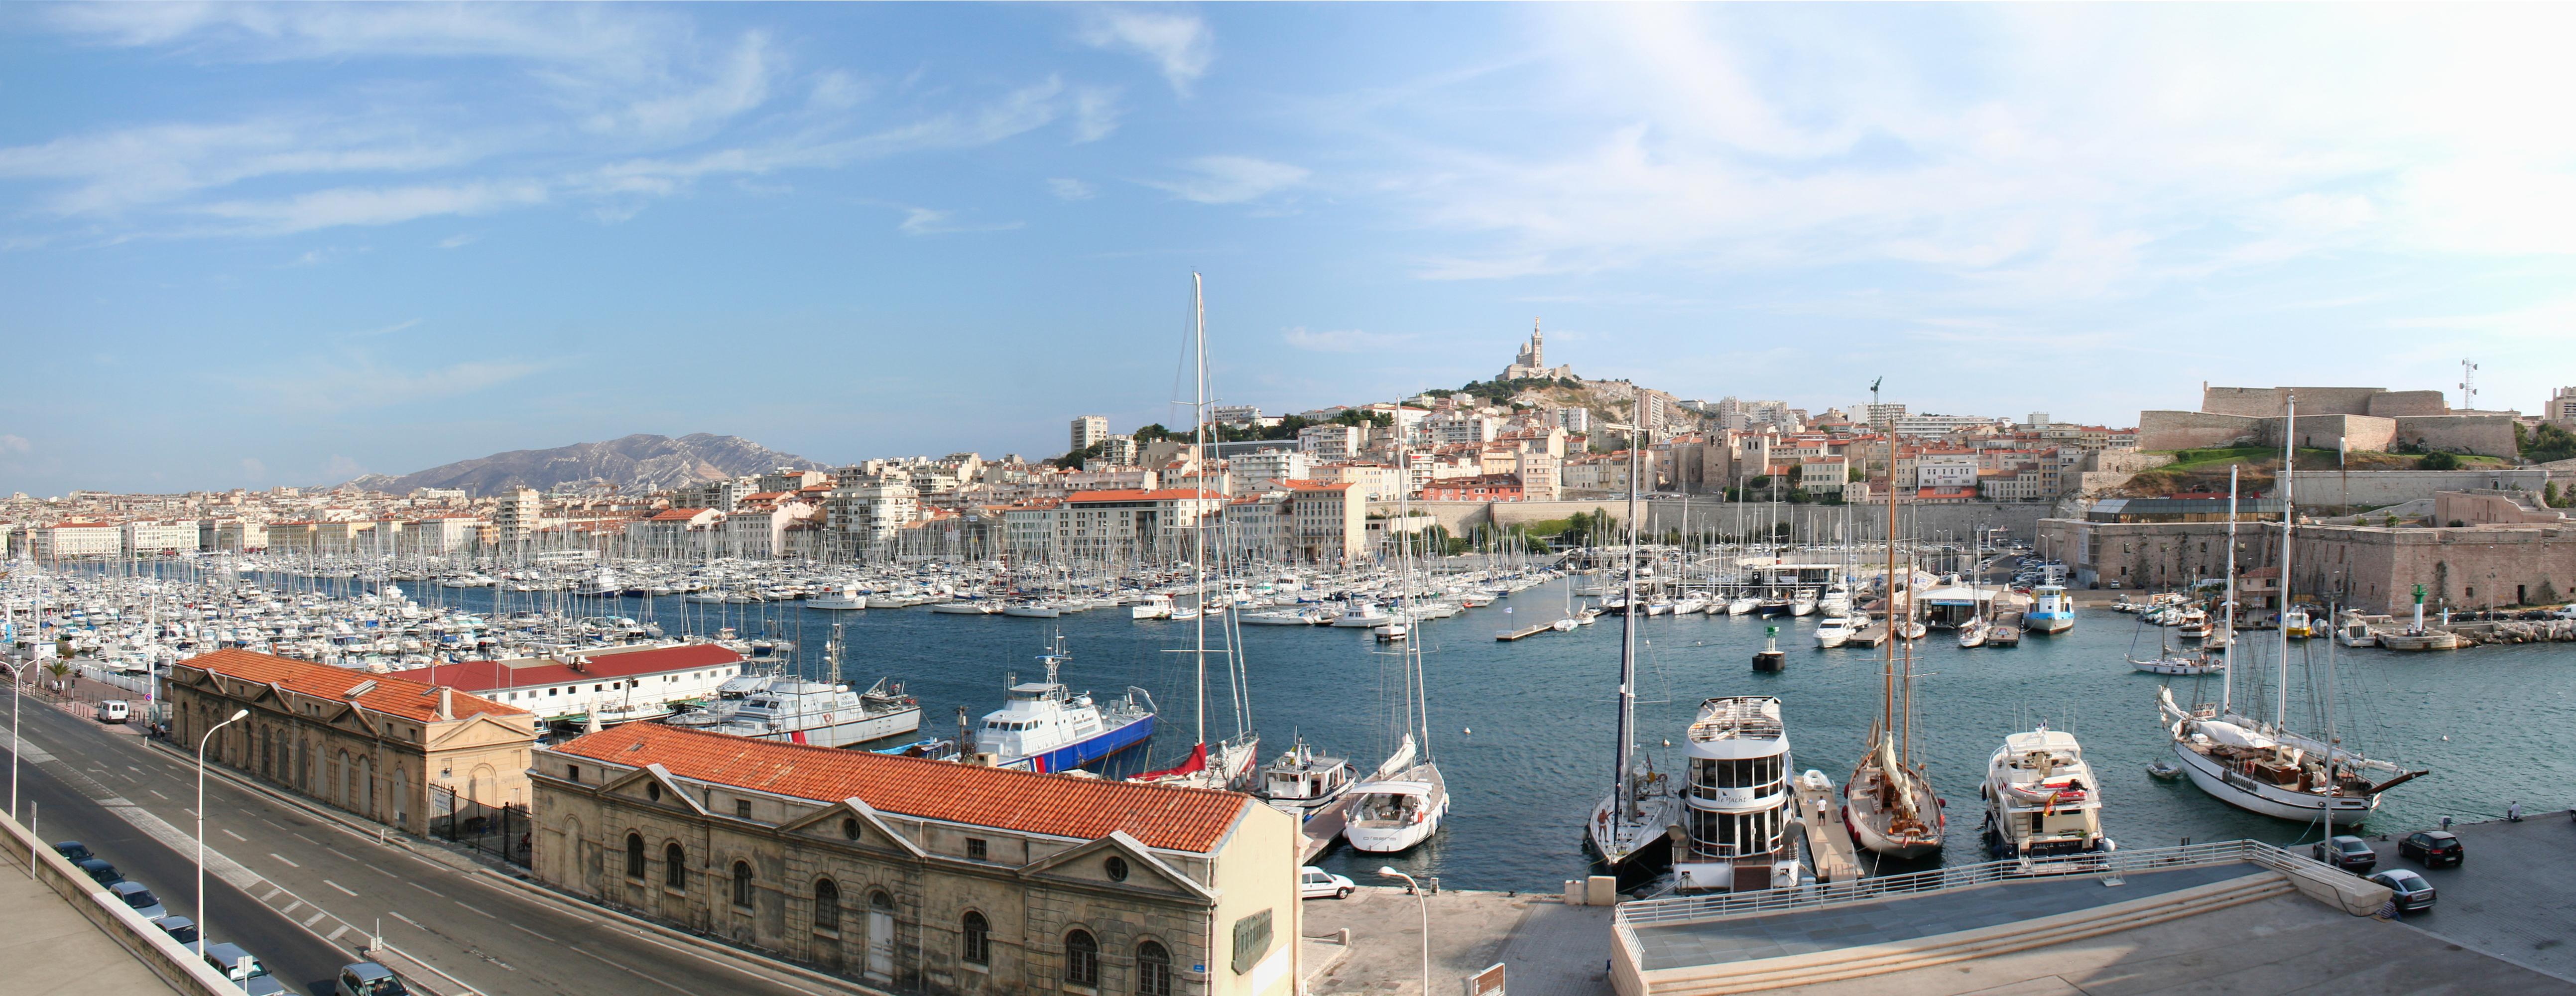 """Résultat de recherche d'images pour """"the Old Port marseille"""""""